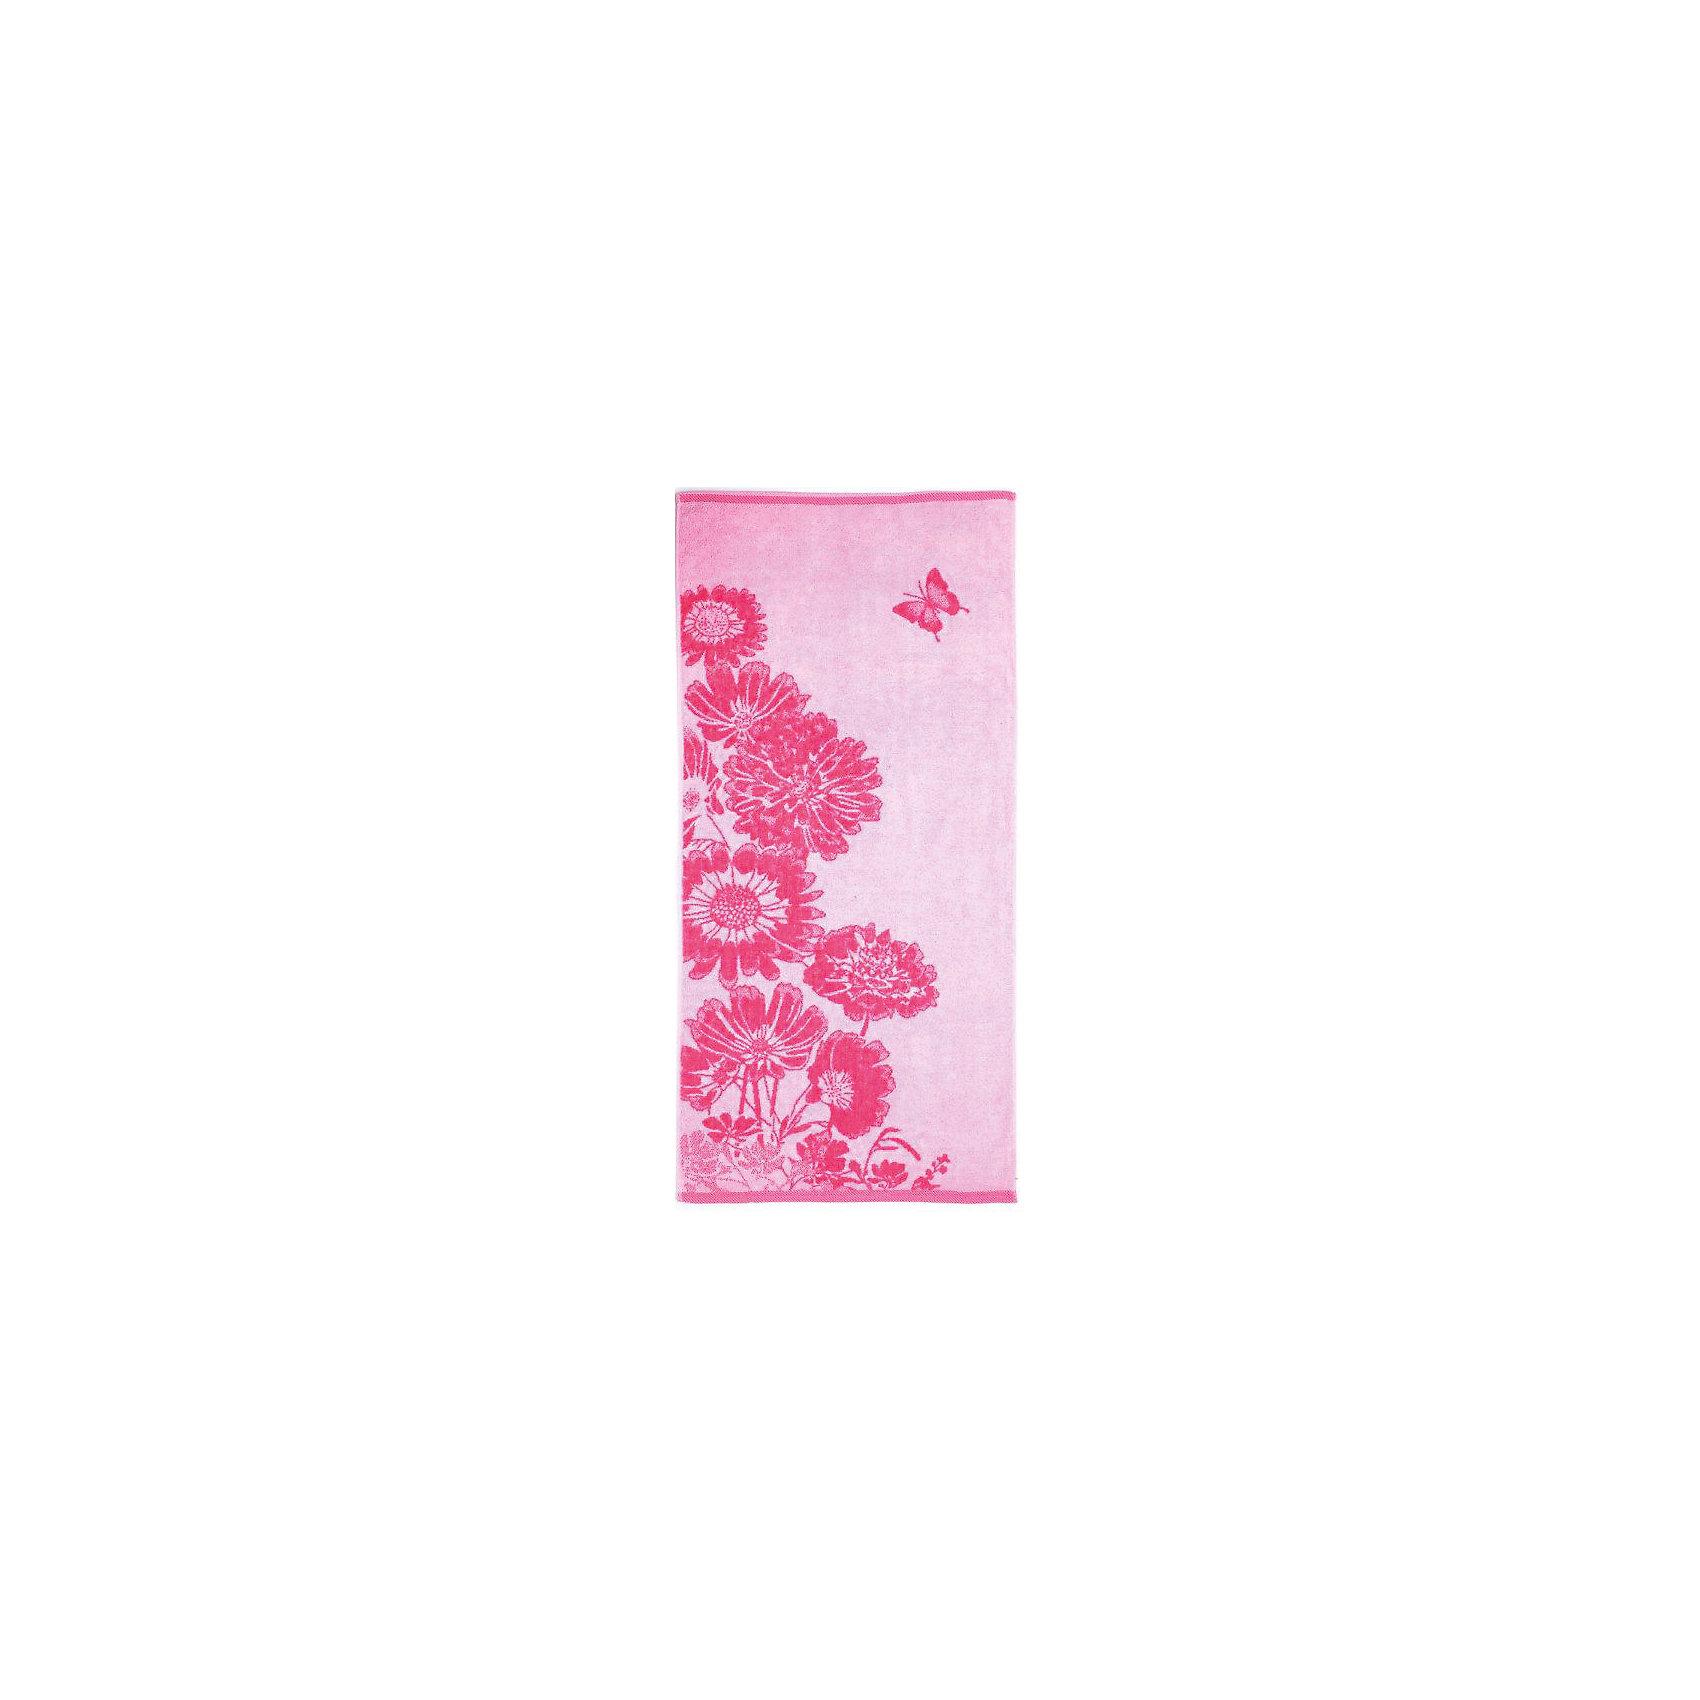 Полотенце махровое Цветник 35*70, Любимый дом, розовый